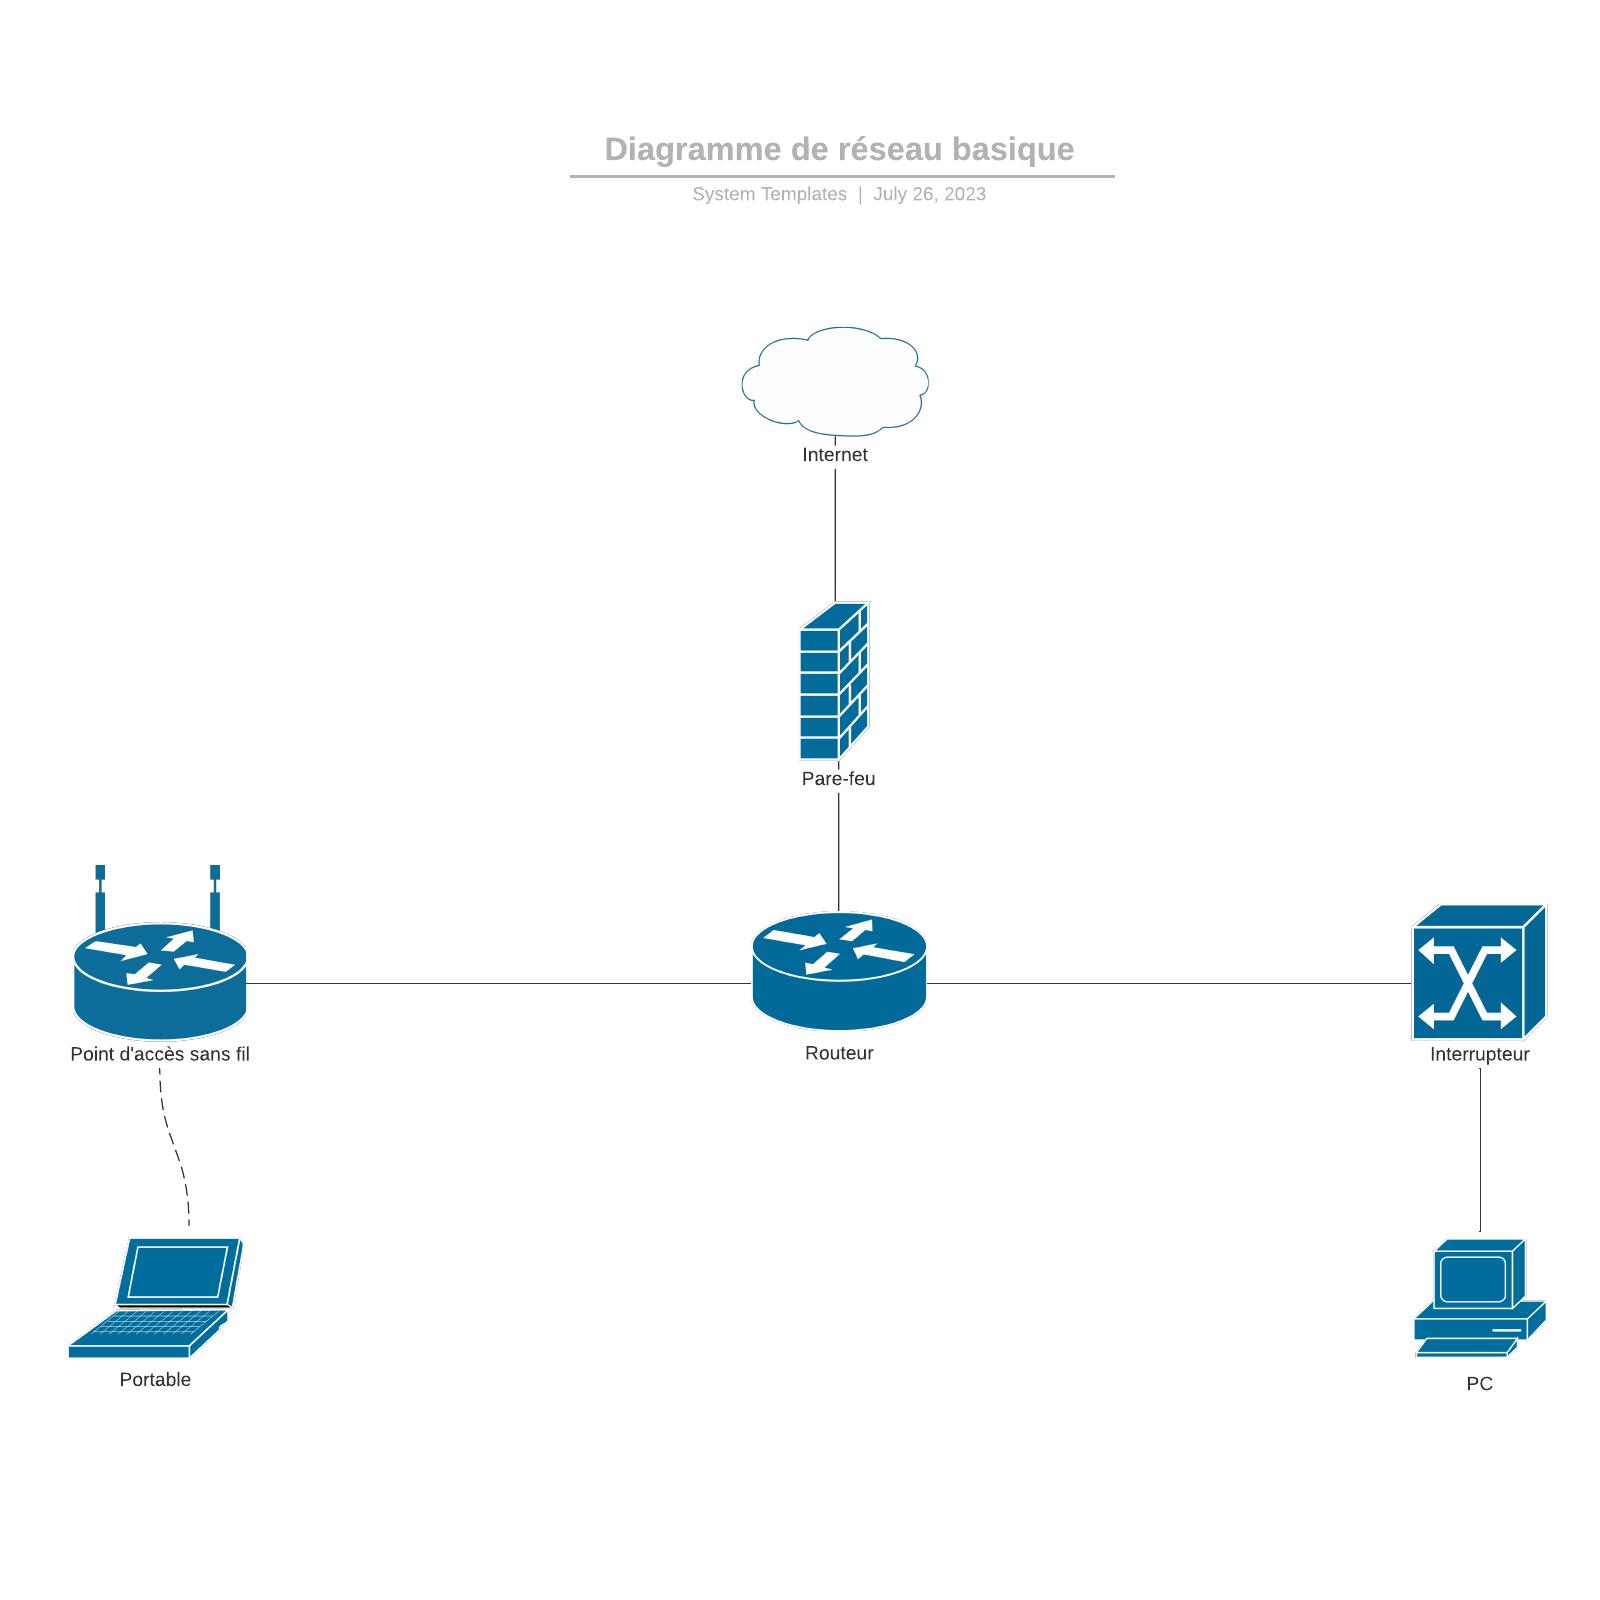 exemple de diagramme de réseau basique